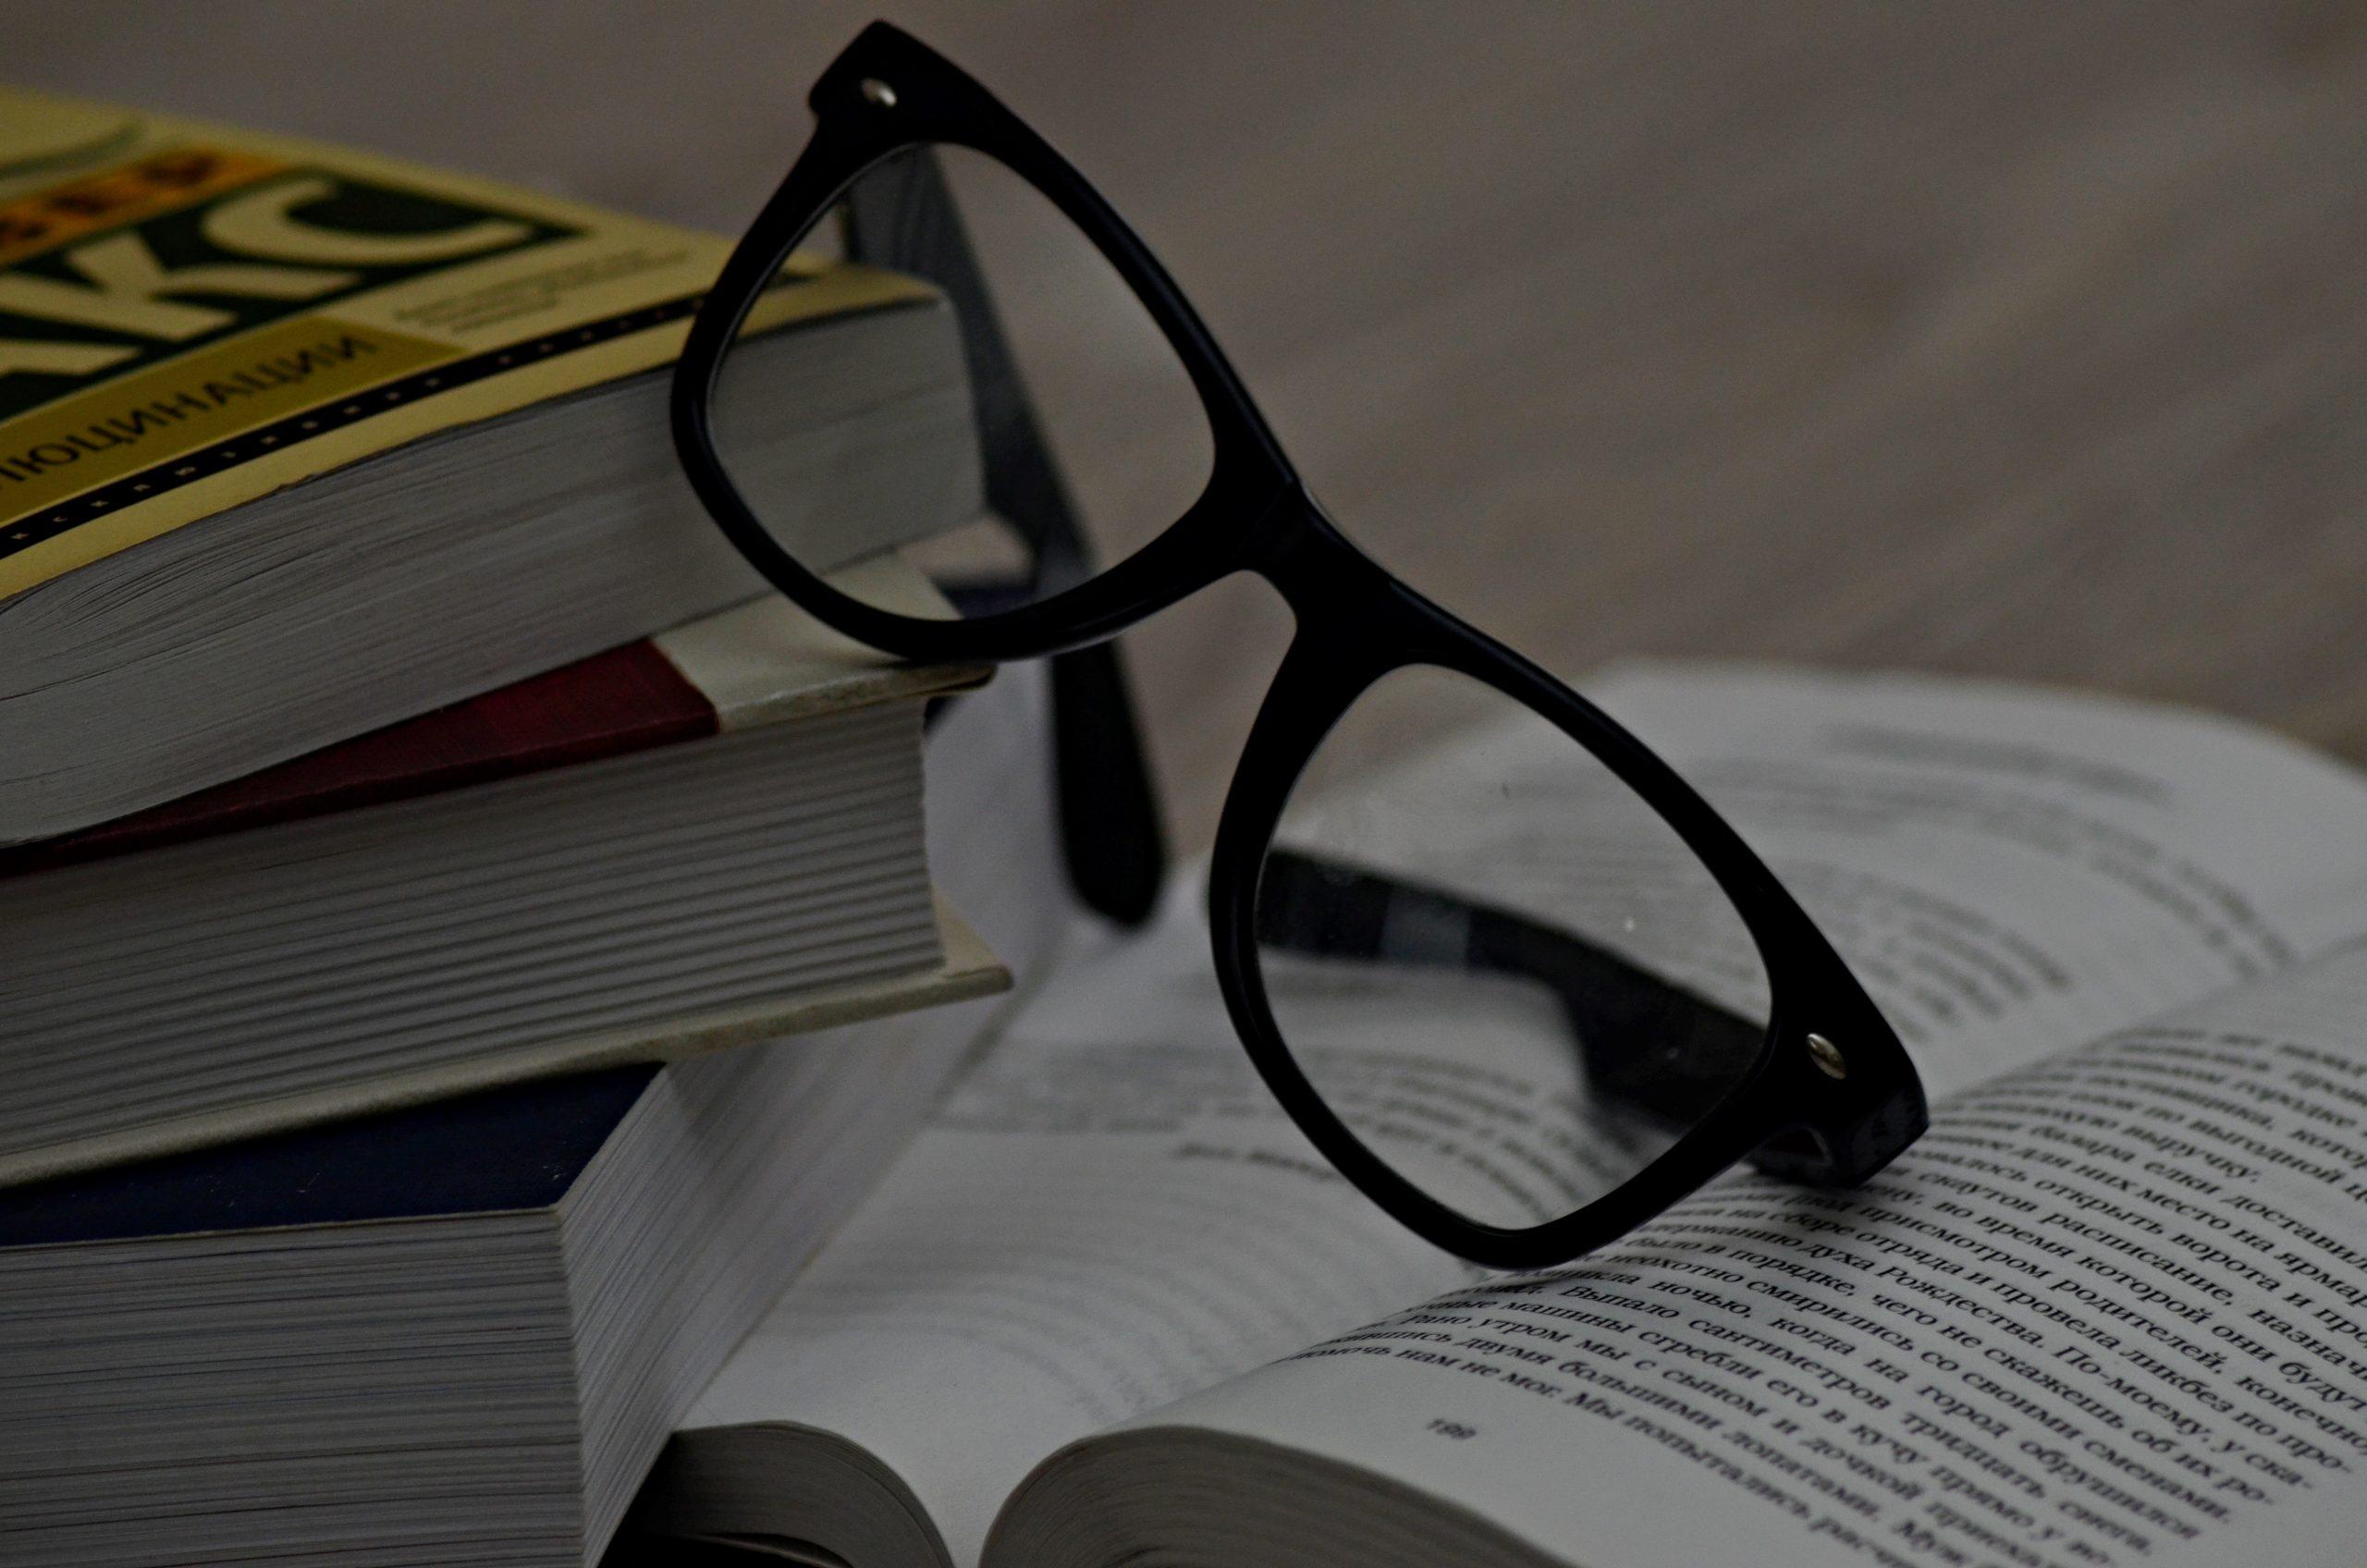 Марафон ко Дню Победы завершили сотрудники библиотеки №265 в Филимонковском